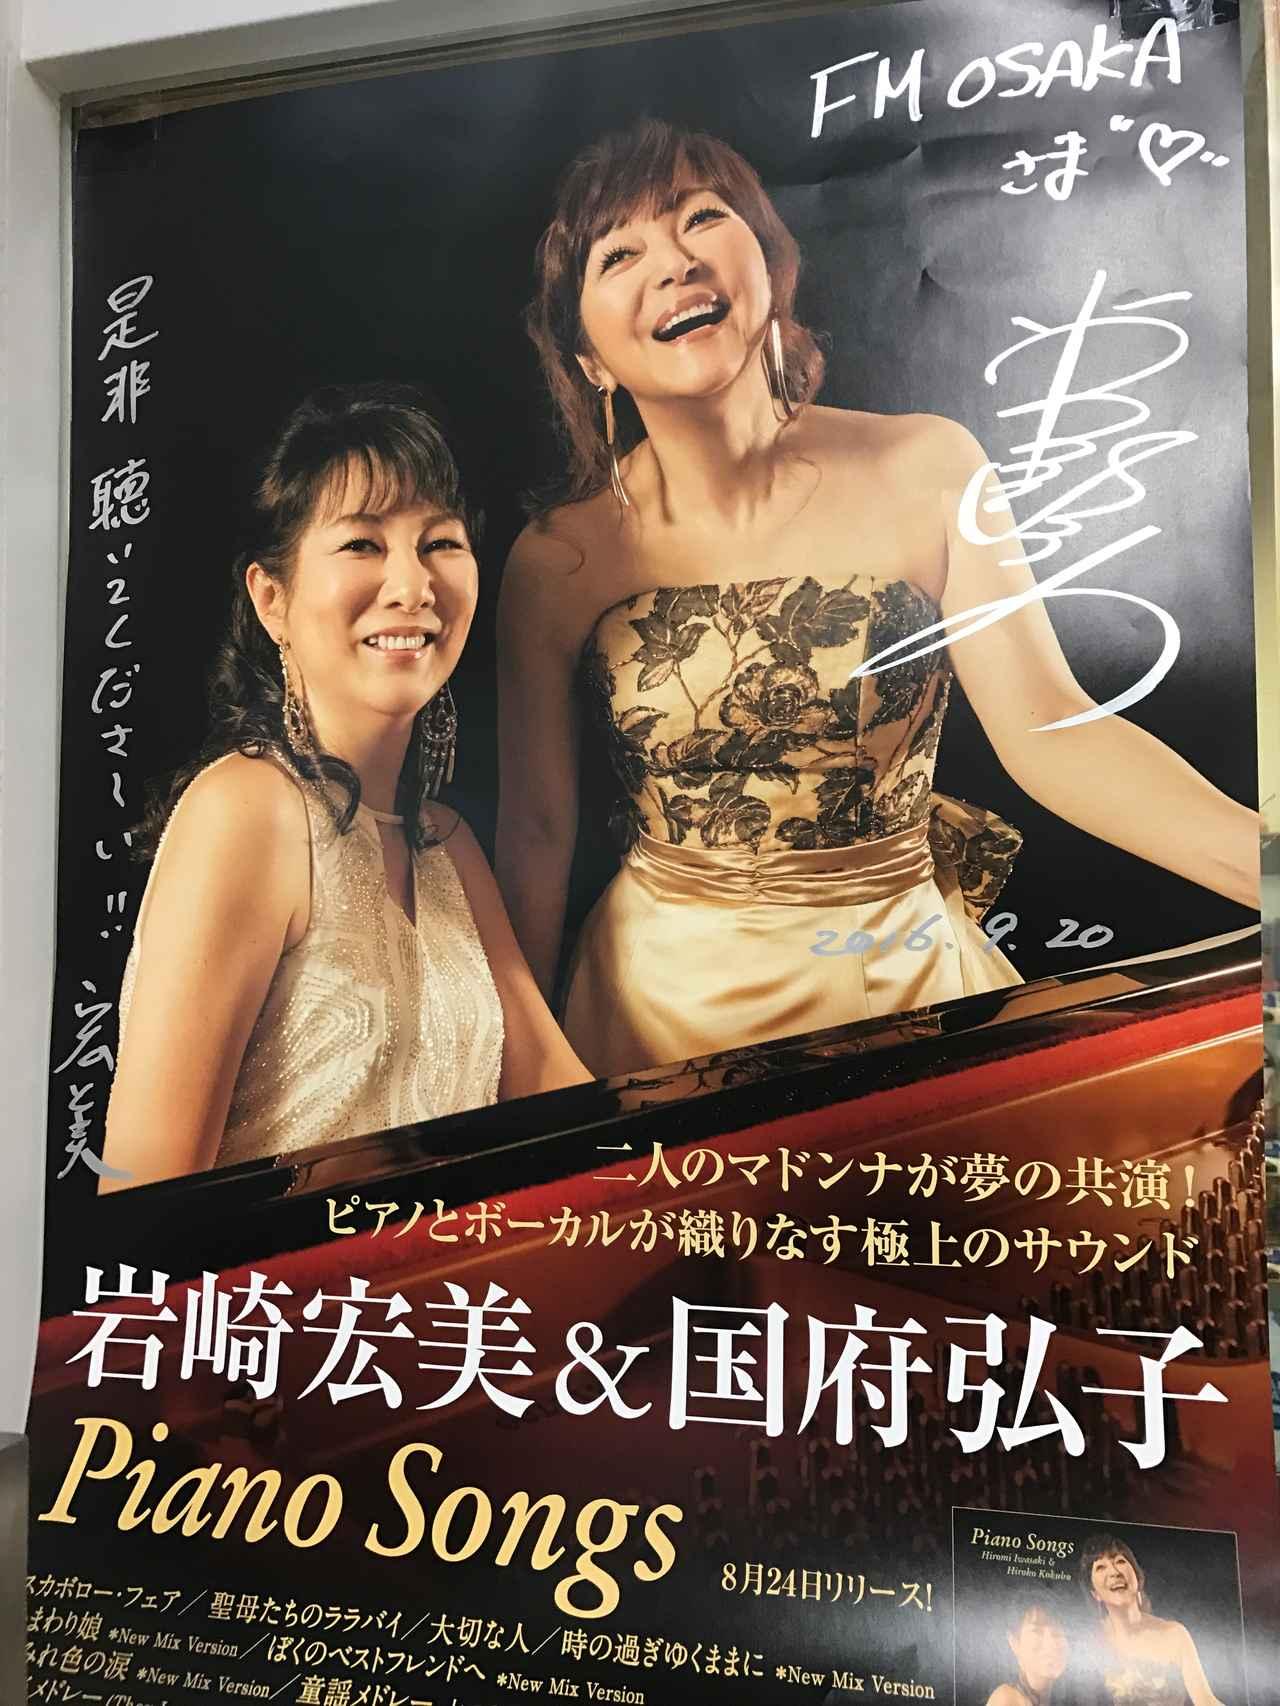 画像1: 本日のスペシャルゲスト:岩崎宏美さんインタビュー